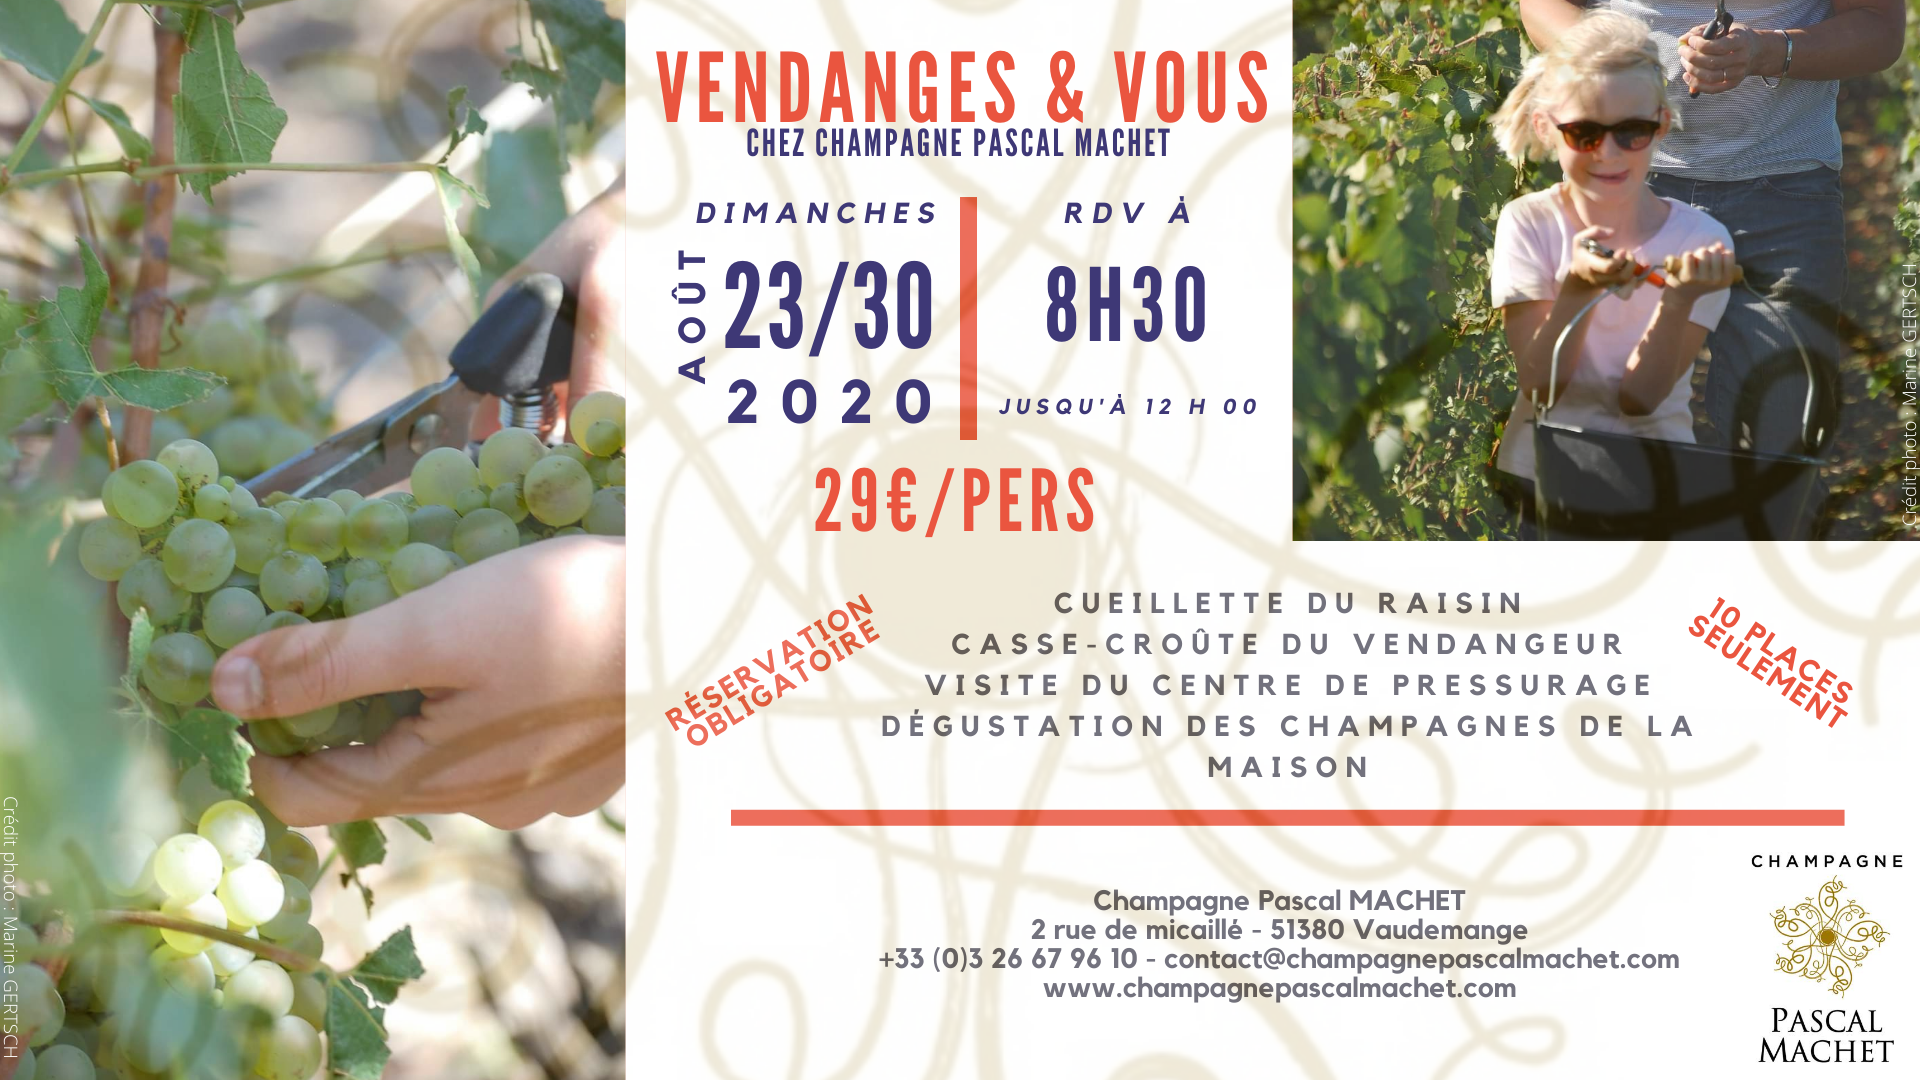 Découverte Vendanges & Vous 2020 en Champagne